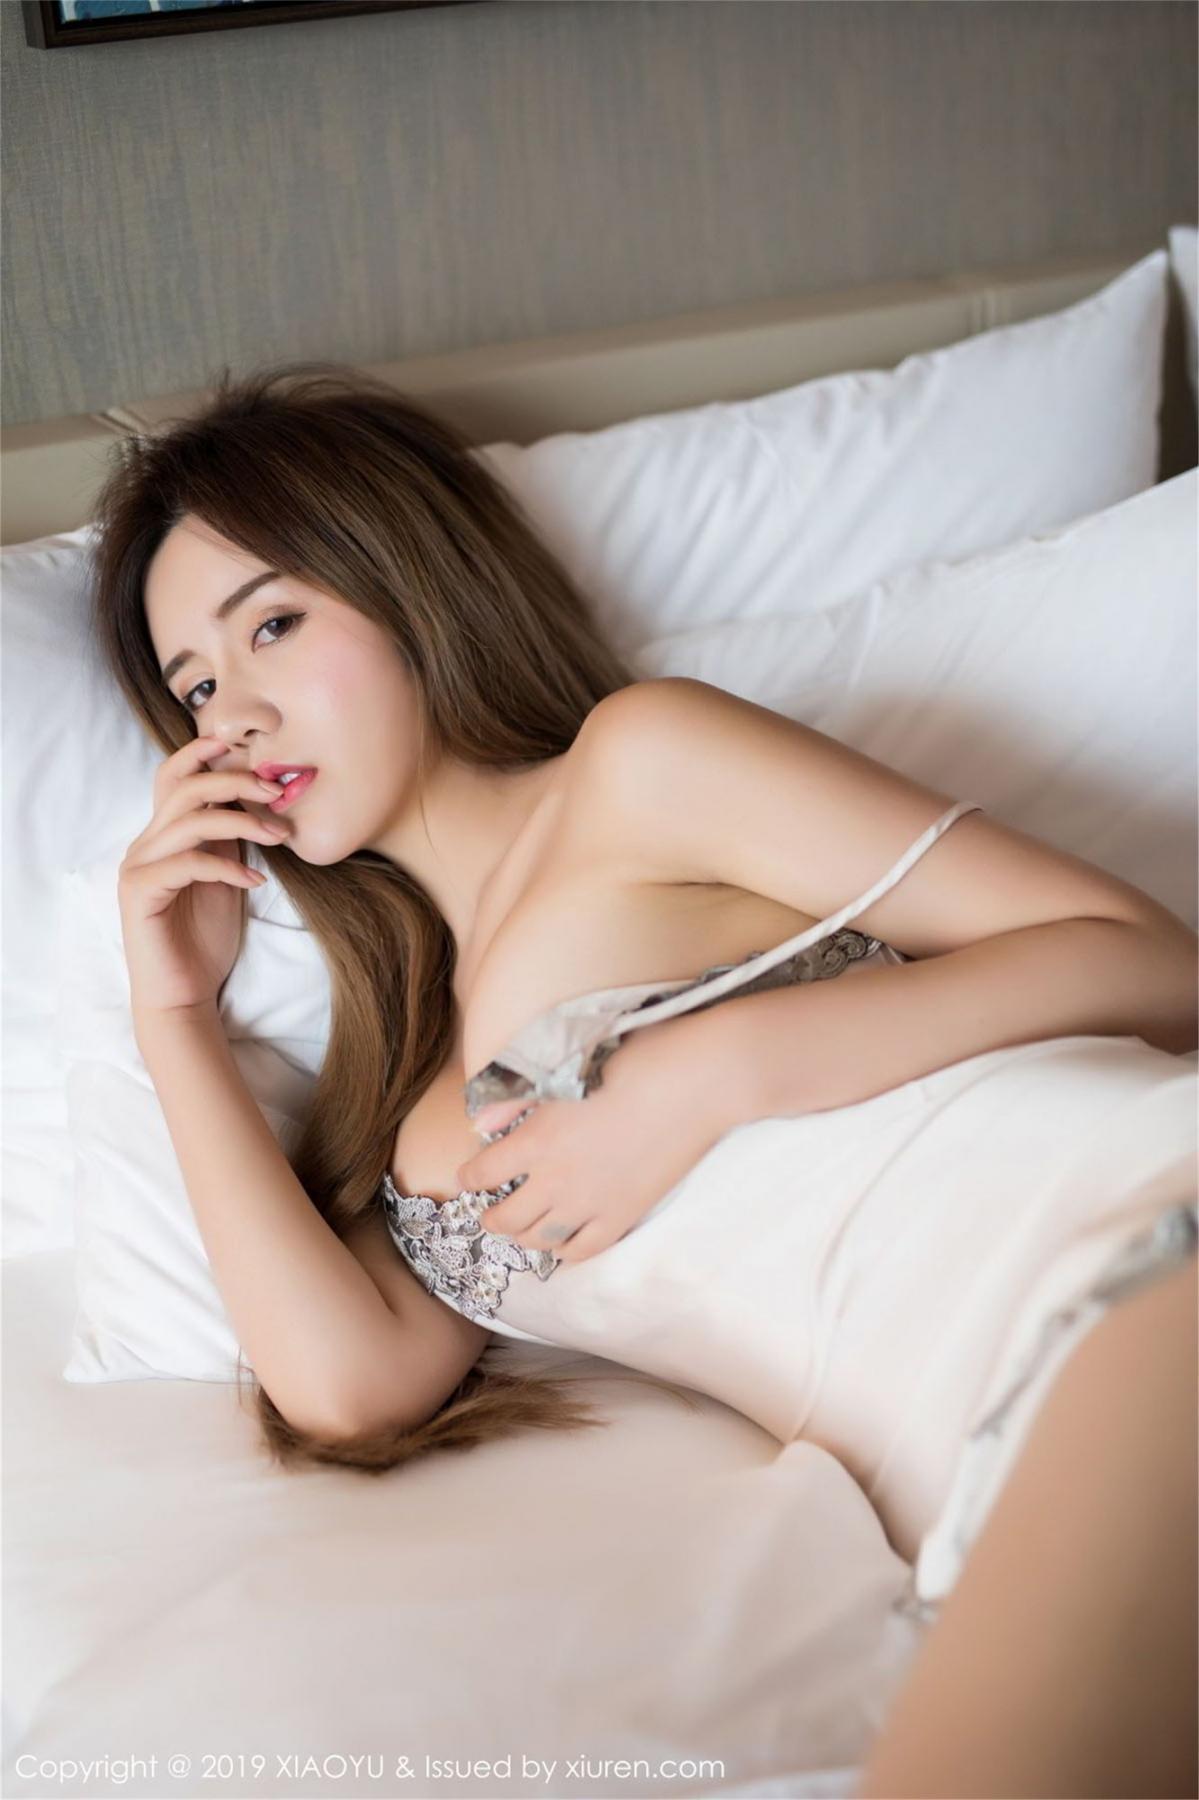 [XiaoYu] Vol.093 Zhuo Ya Qi 5P, Underwear, XiaoYu, Zhuo Ya Qi